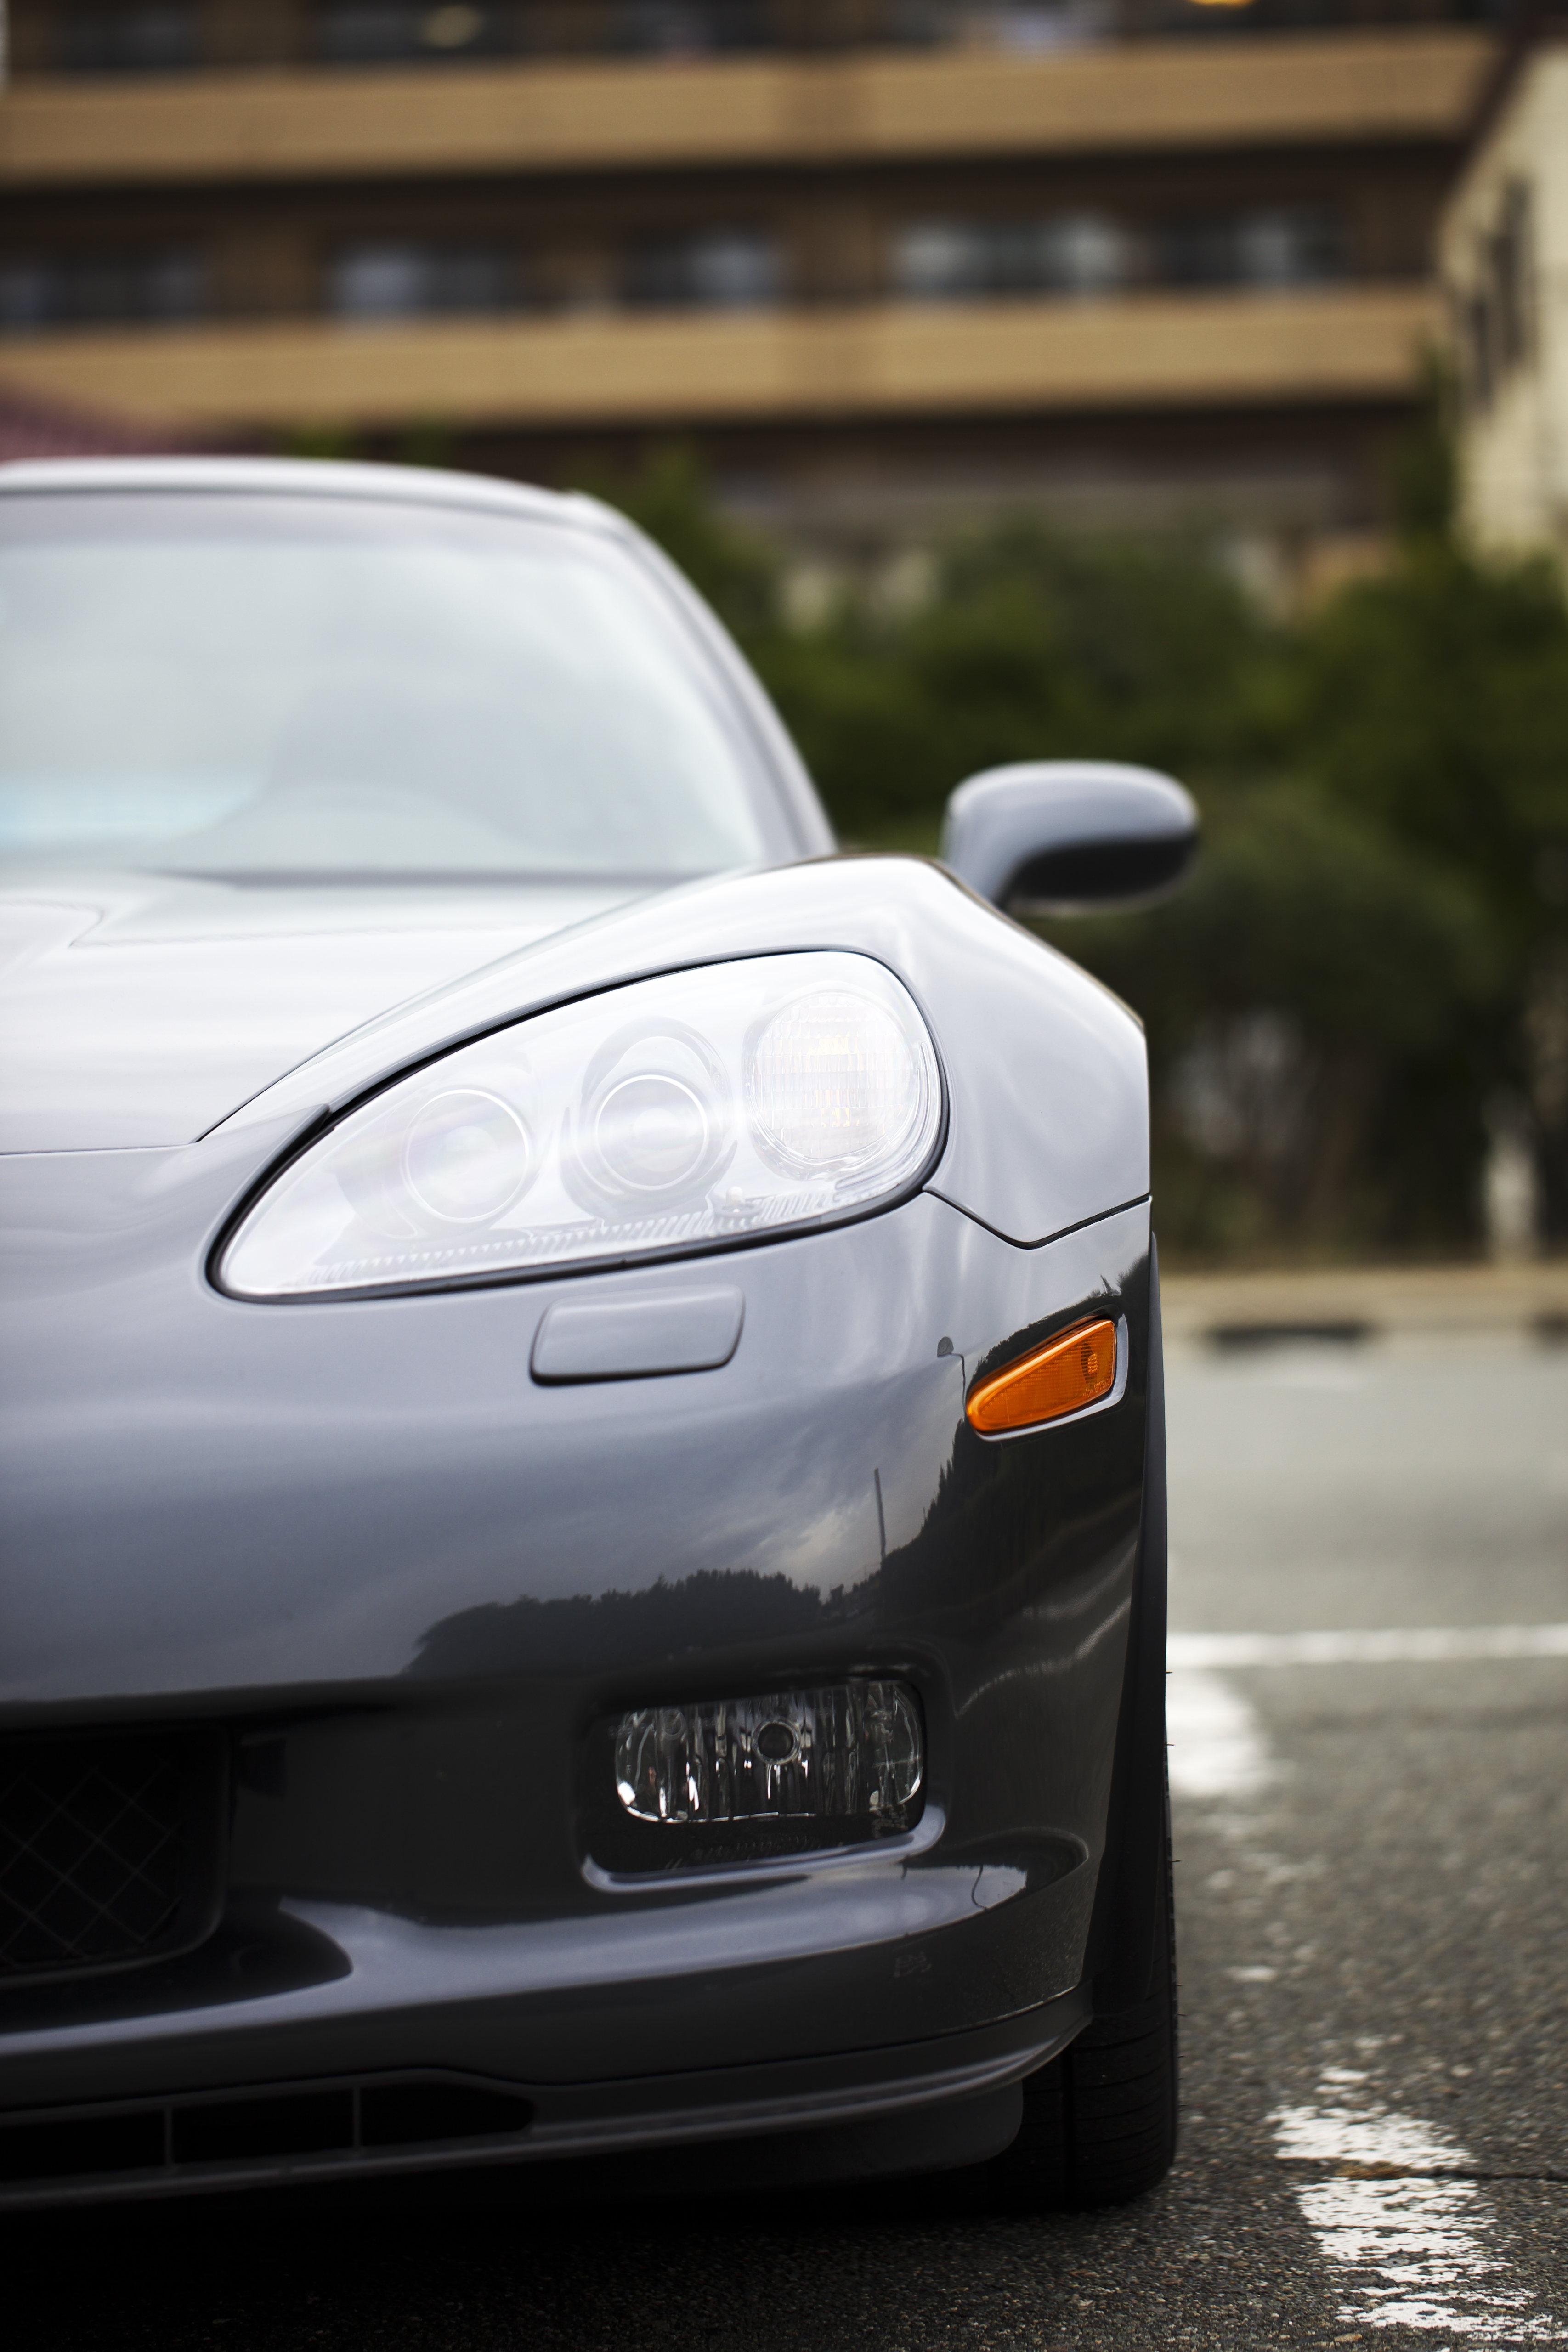 120781 скачать обои Тачки (Cars), Автомобиль, Спорткар, Corvette, Corvette Z06 - заставки и картинки бесплатно